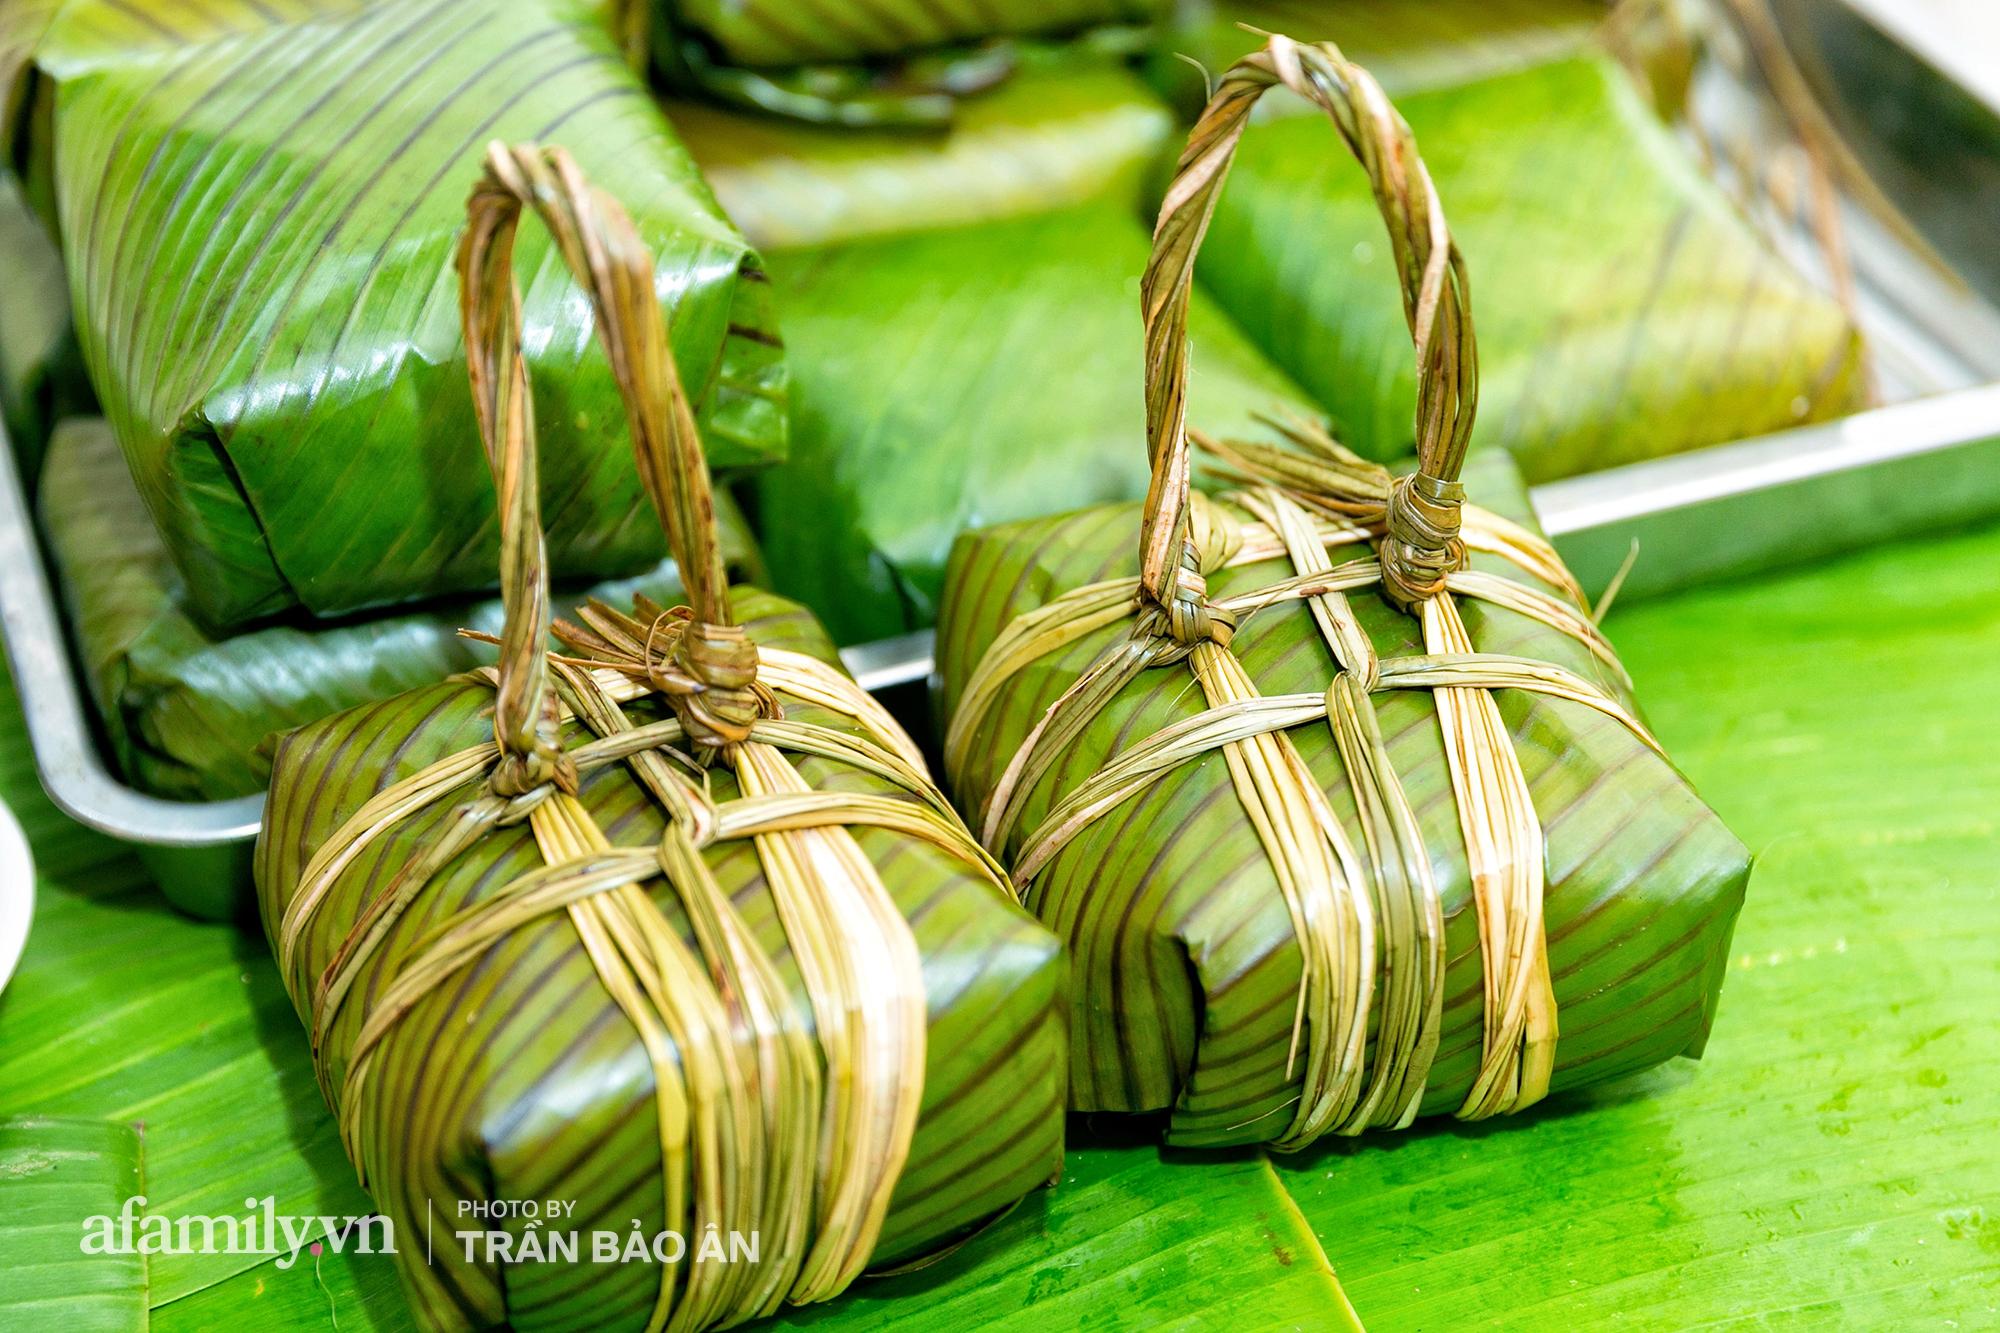 Tết Đoan Ngọ tại lò bánh Bá Trạng lâu đời nhất Sài Gòn, một cặp bánh có giá lên tới 1 triệu đồng với bào ngư, heo quay, sò điệp mà một năm chỉ được ăn duy nhất 1 lần! - Ảnh 12.